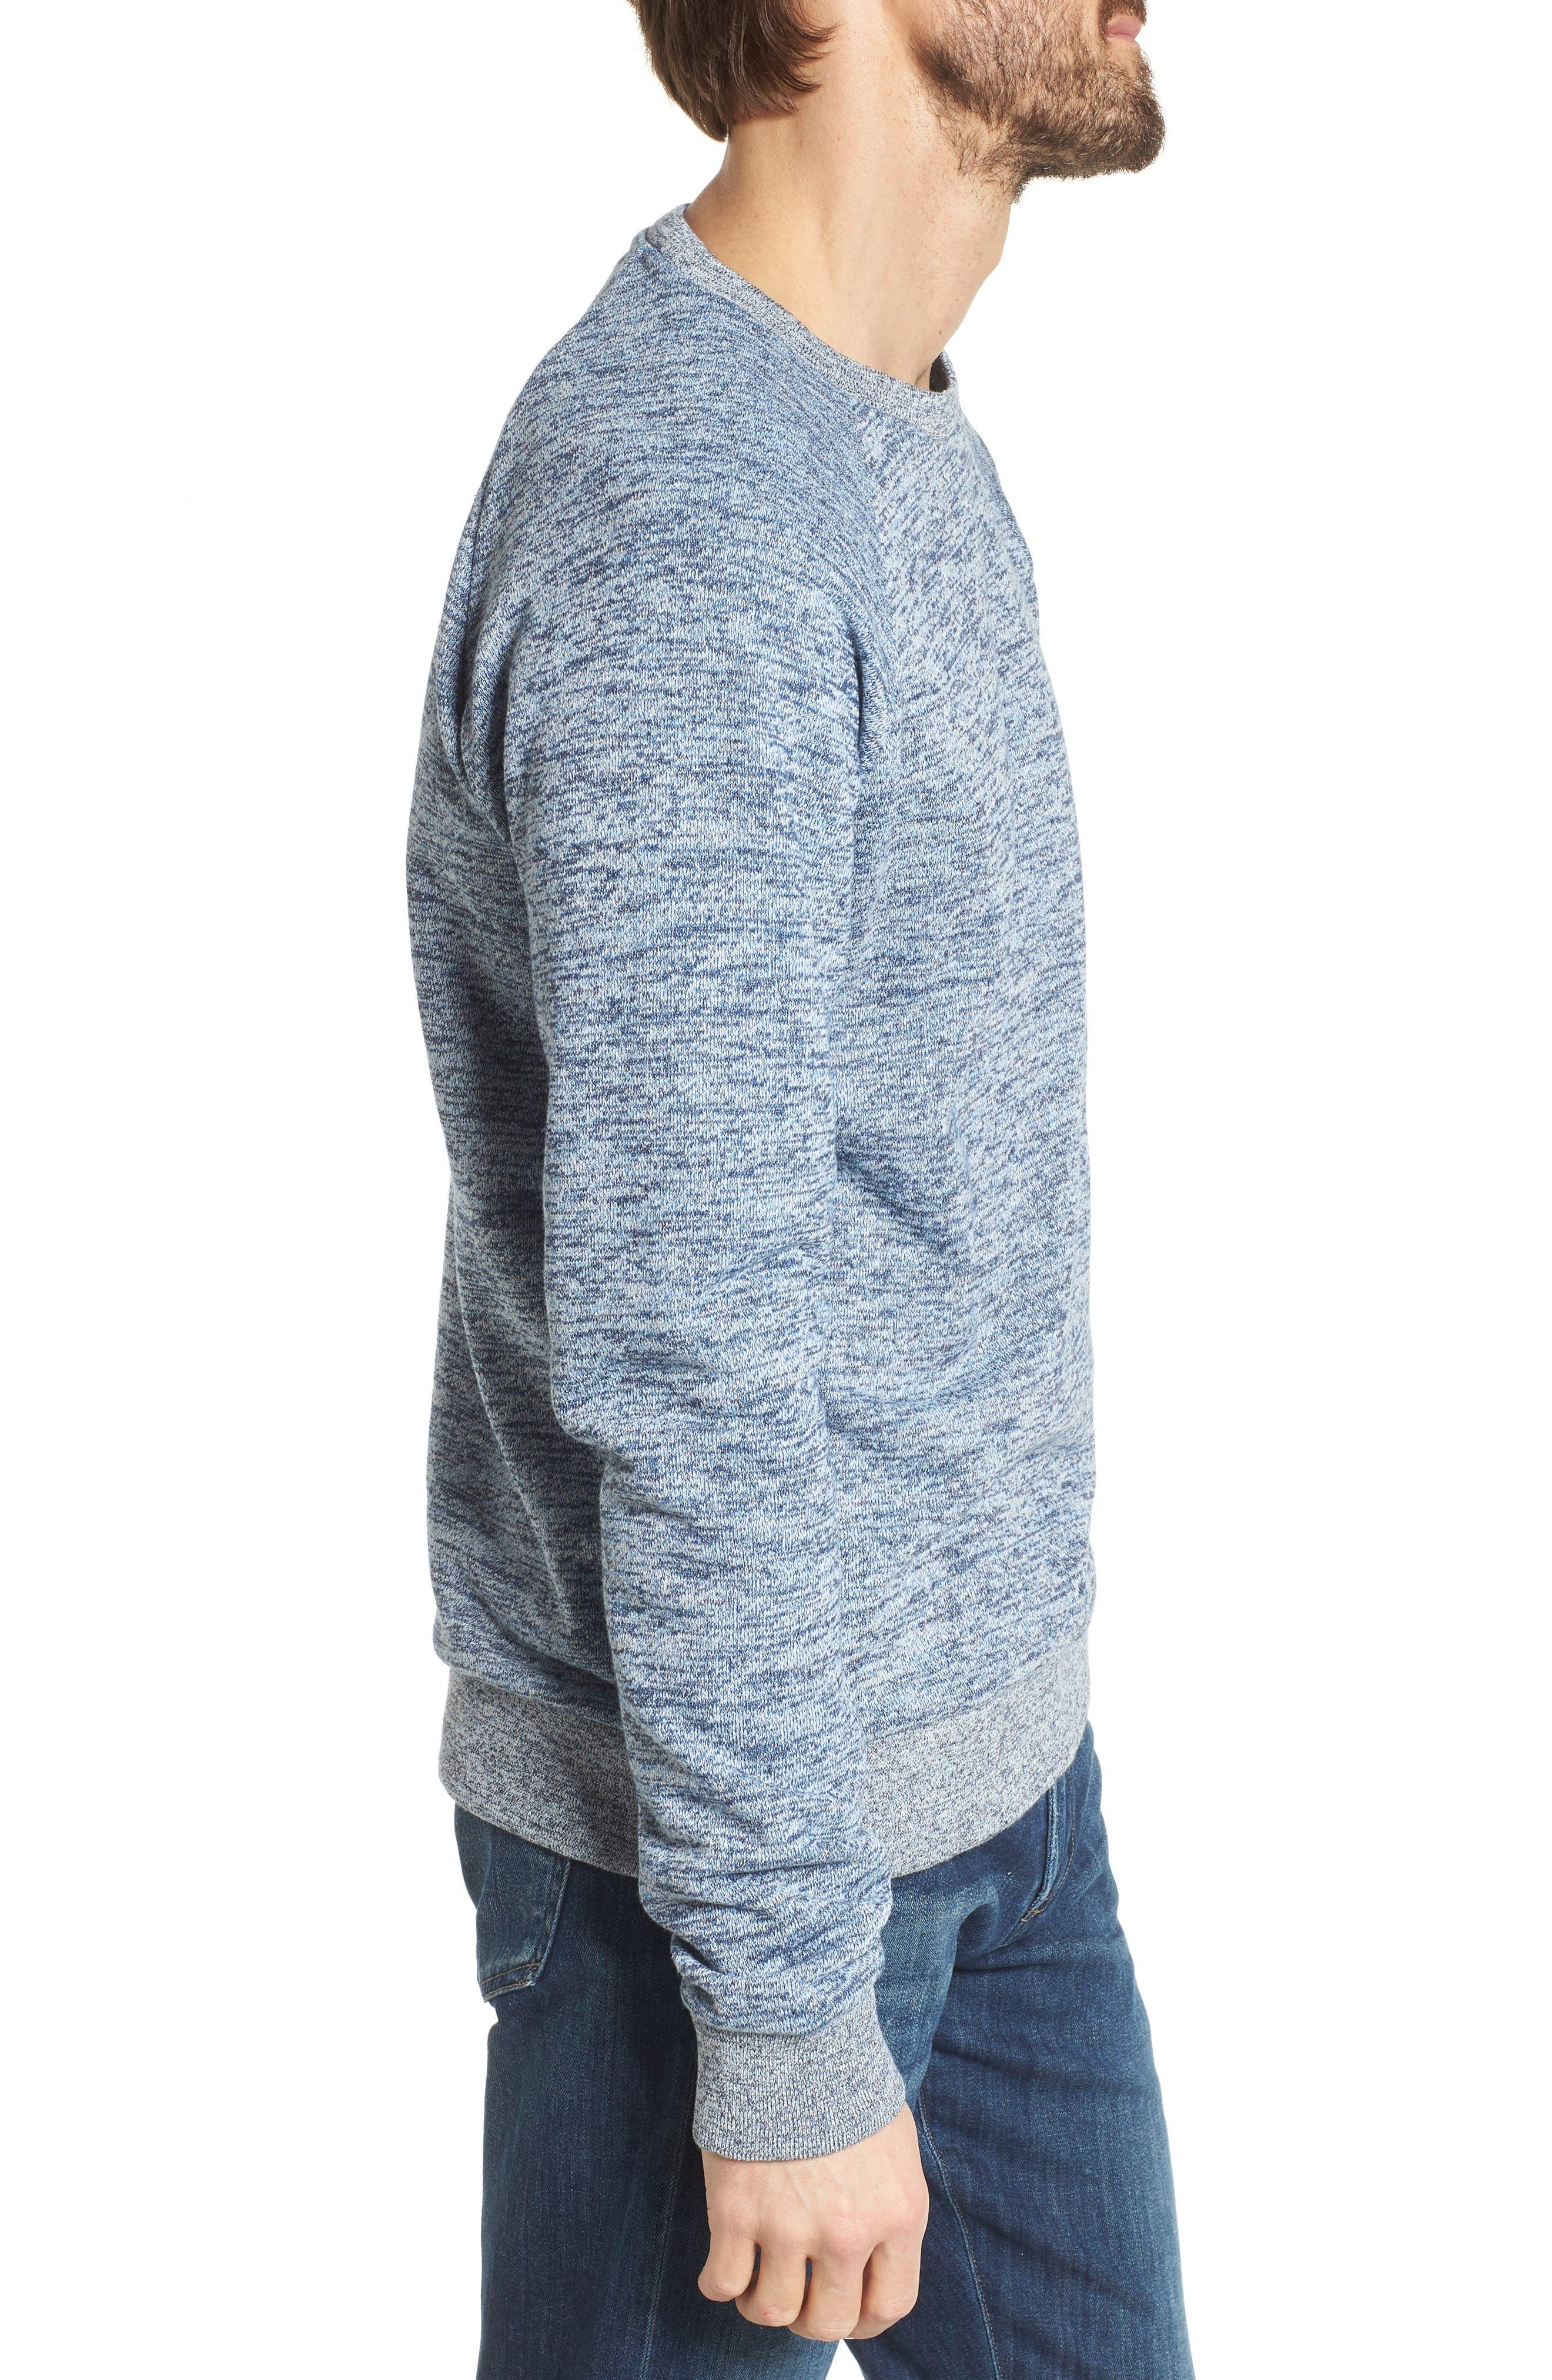 Mélange Sweatshirt,                             Alternate thumbnail 3, color,